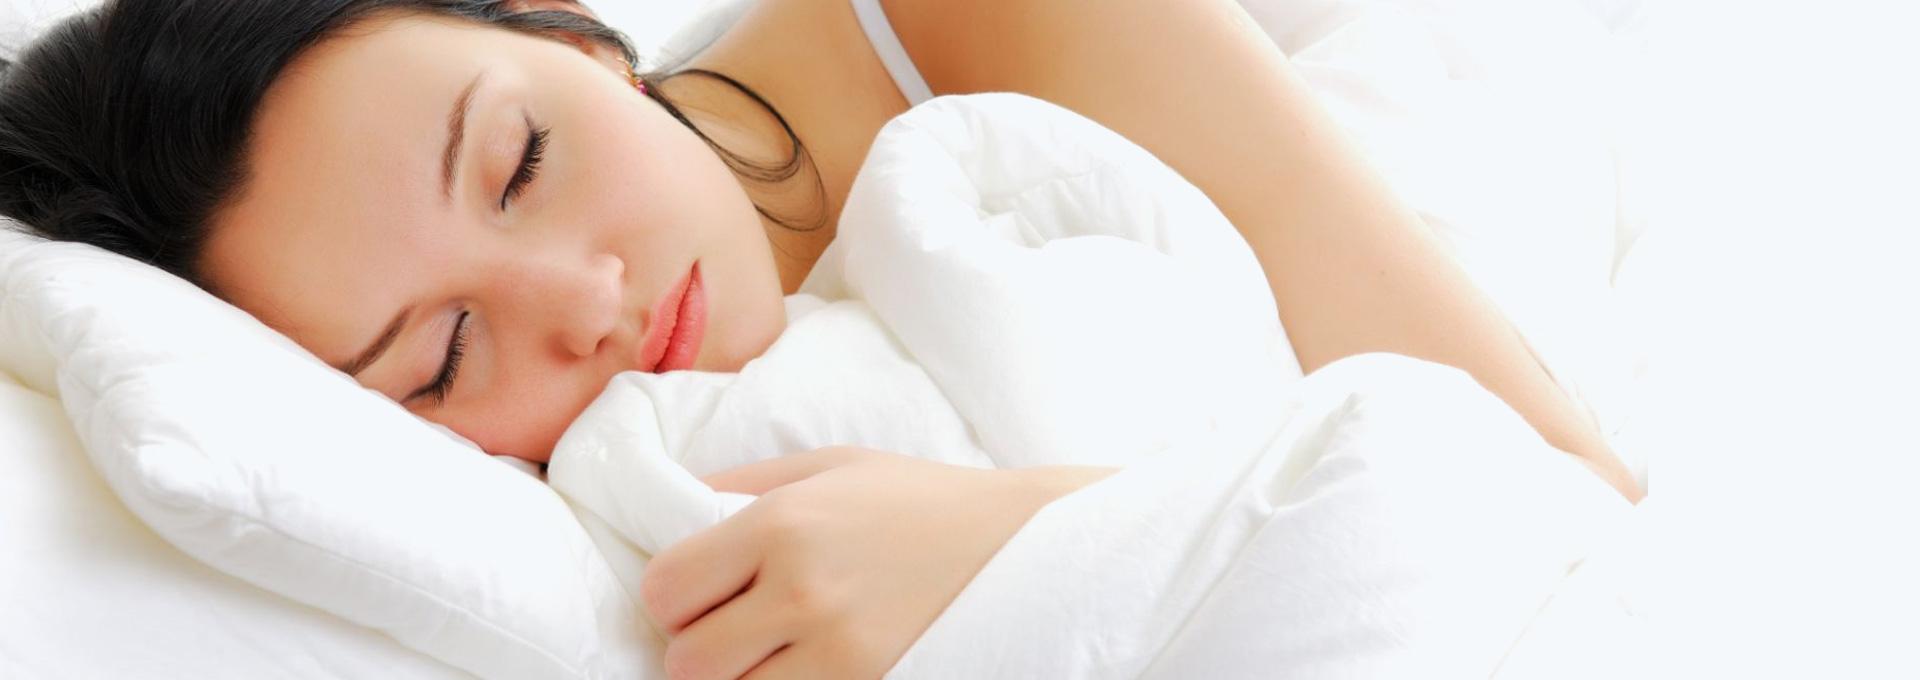 midia-jaccard-sono